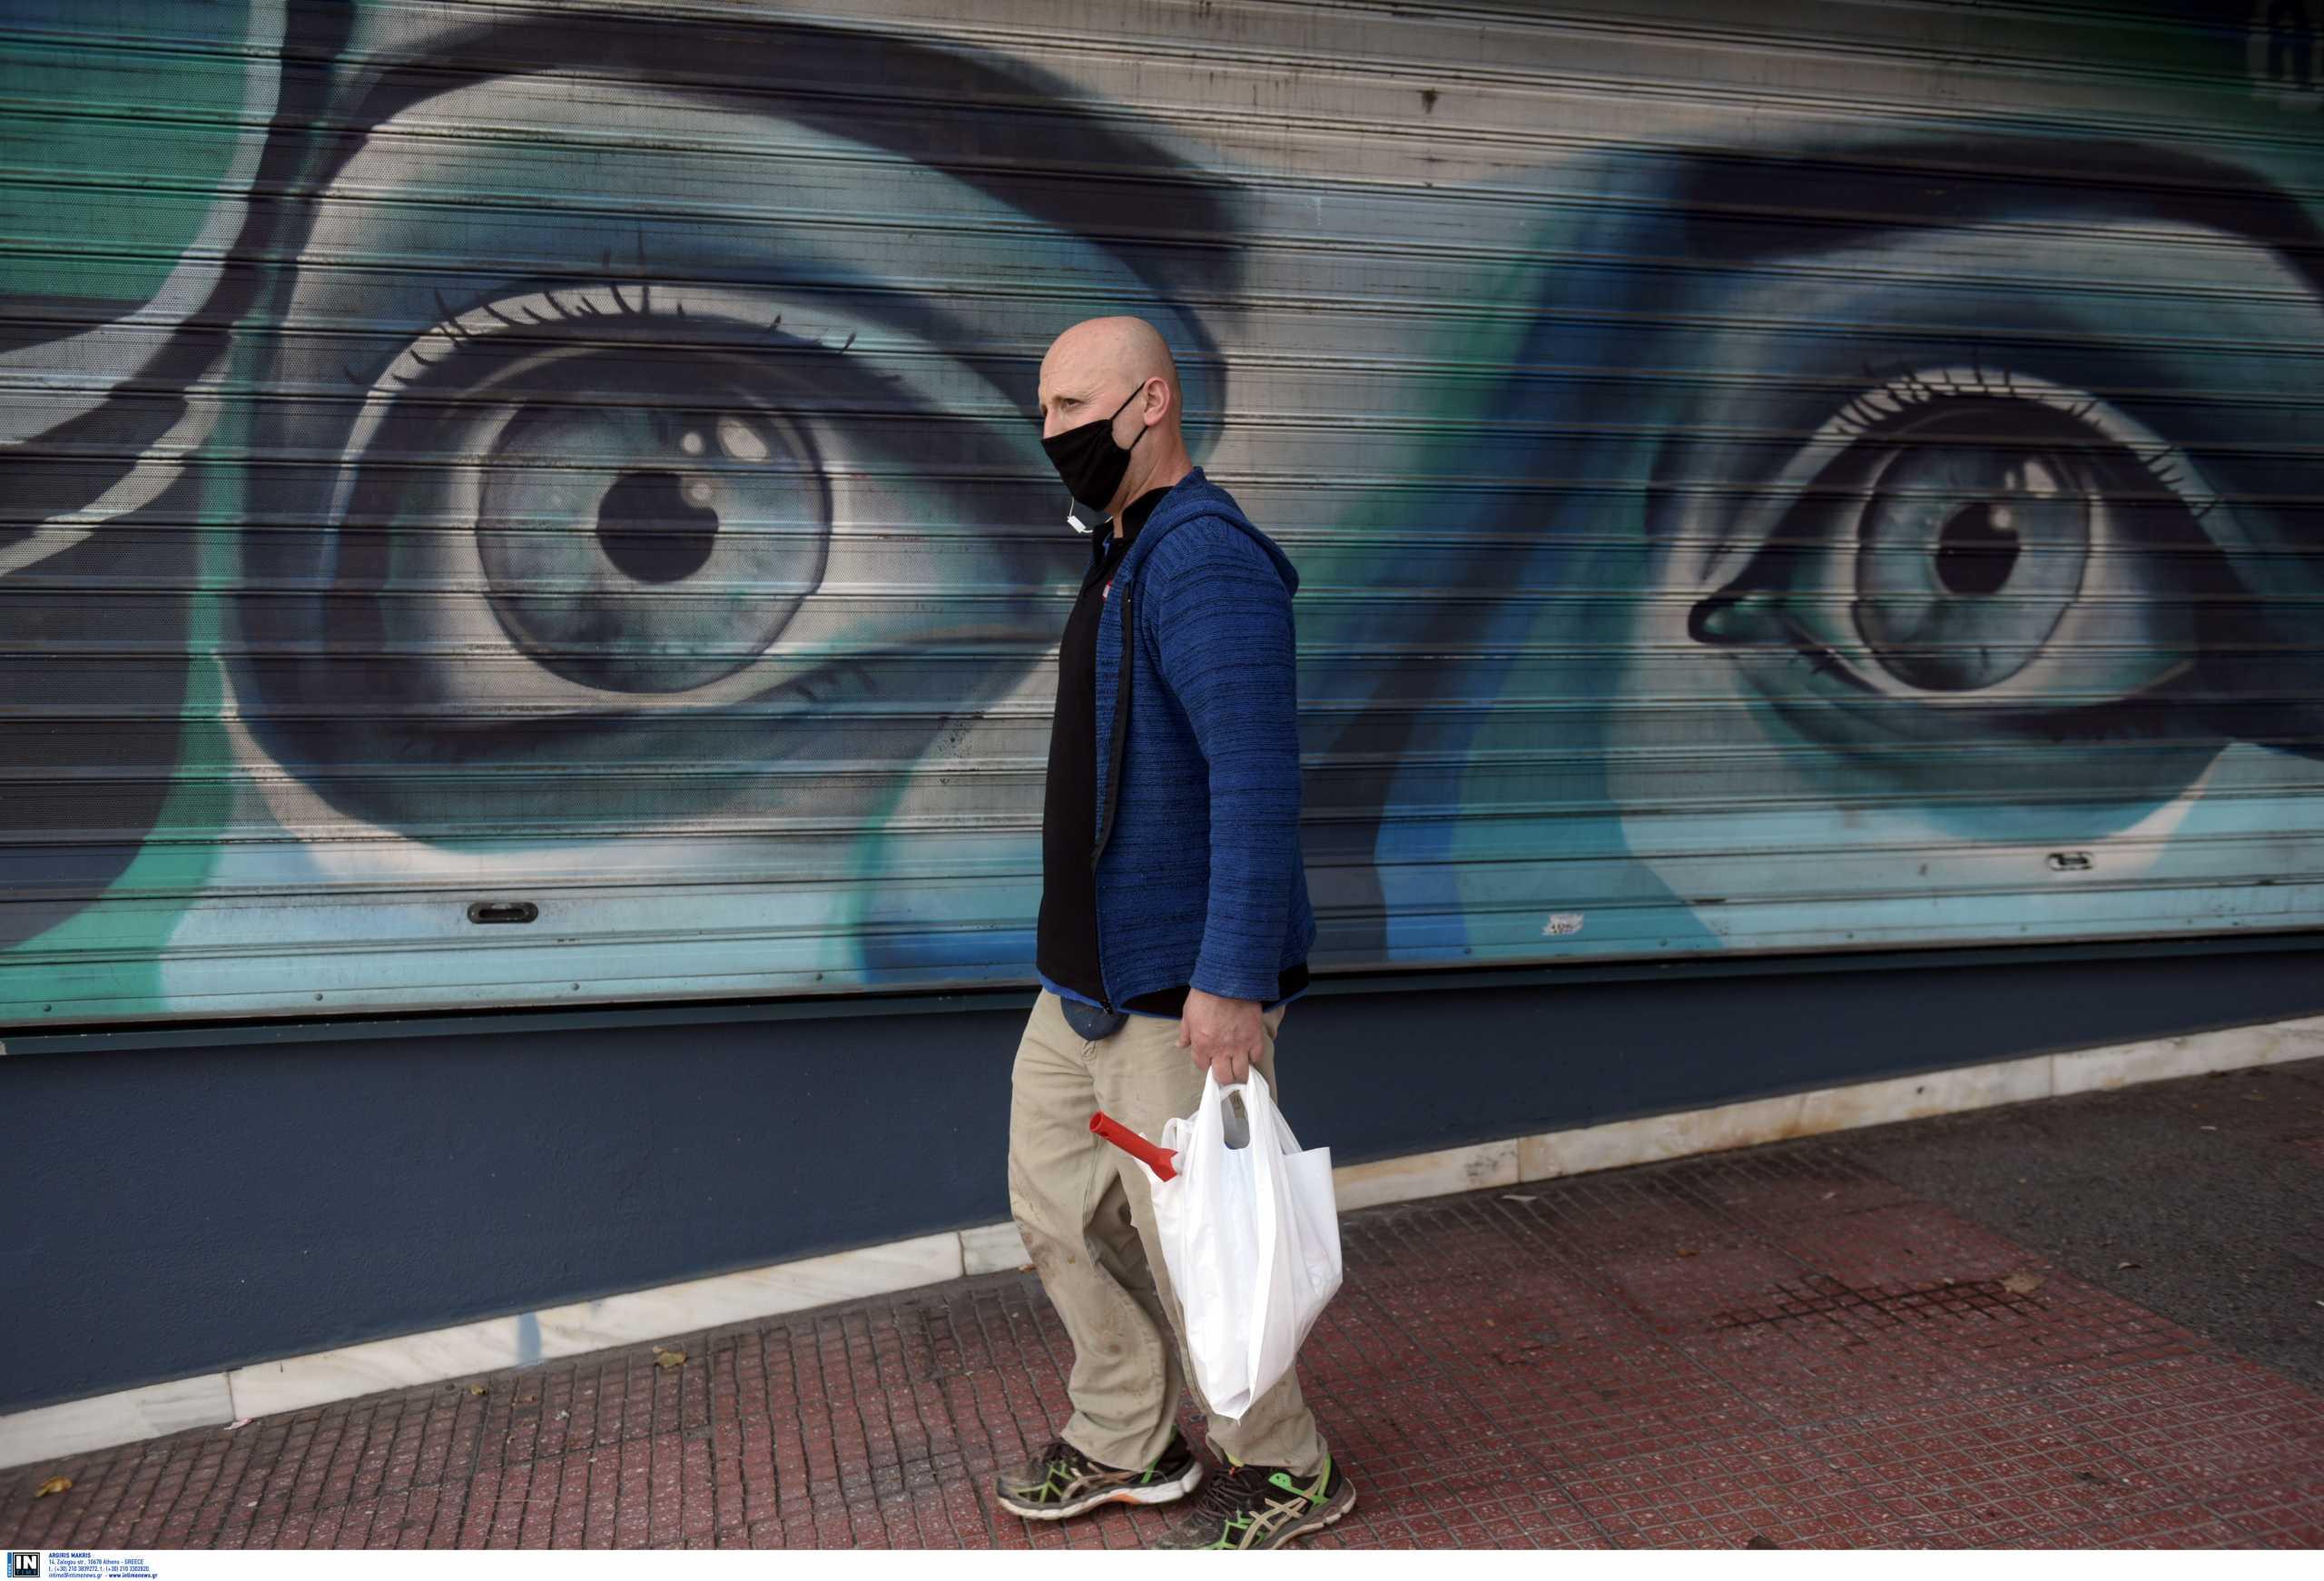 Κορονοϊός: Ο χαμηλός δείκτης θετικότητας δεν αρκεί – Όλες οι περιοχές της Αθήνας που «φλέγονται»